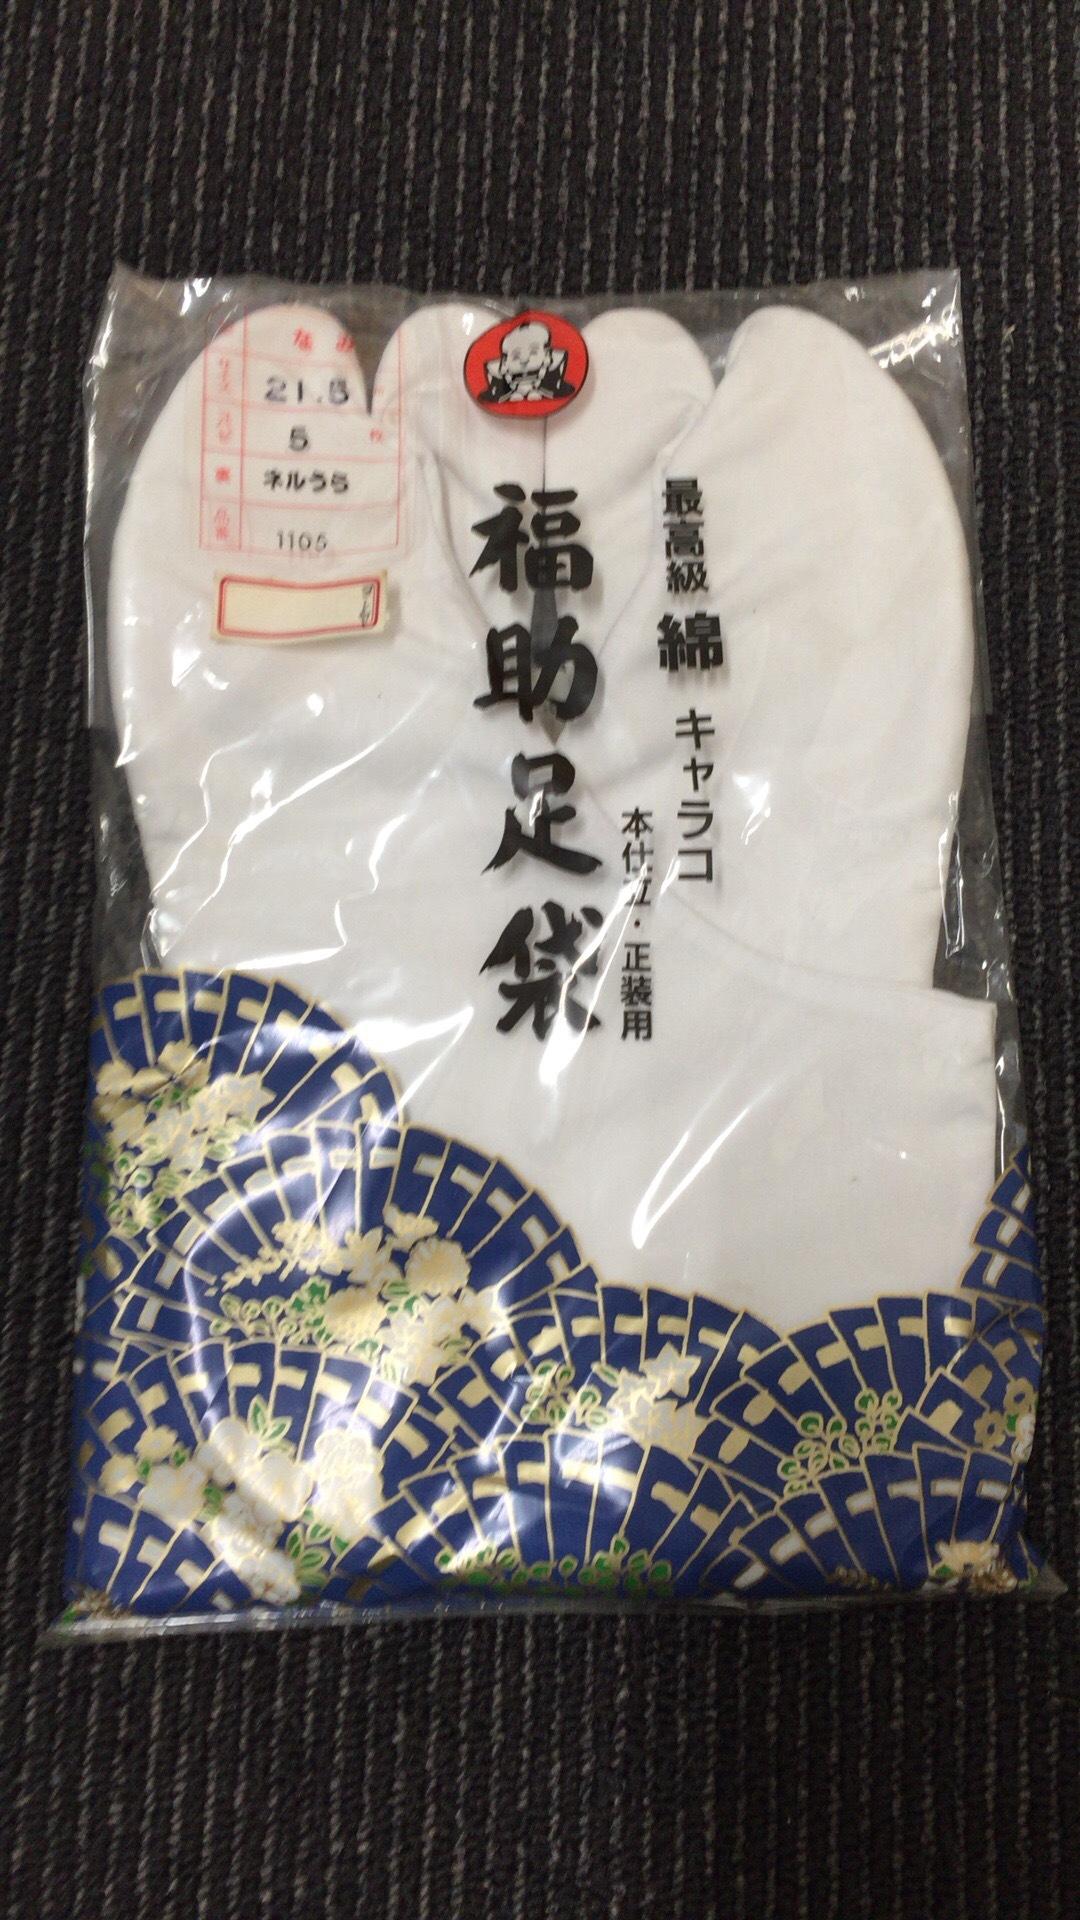 福助足袋/5枚コハゼ/ネル裏(見切り品)品番1105